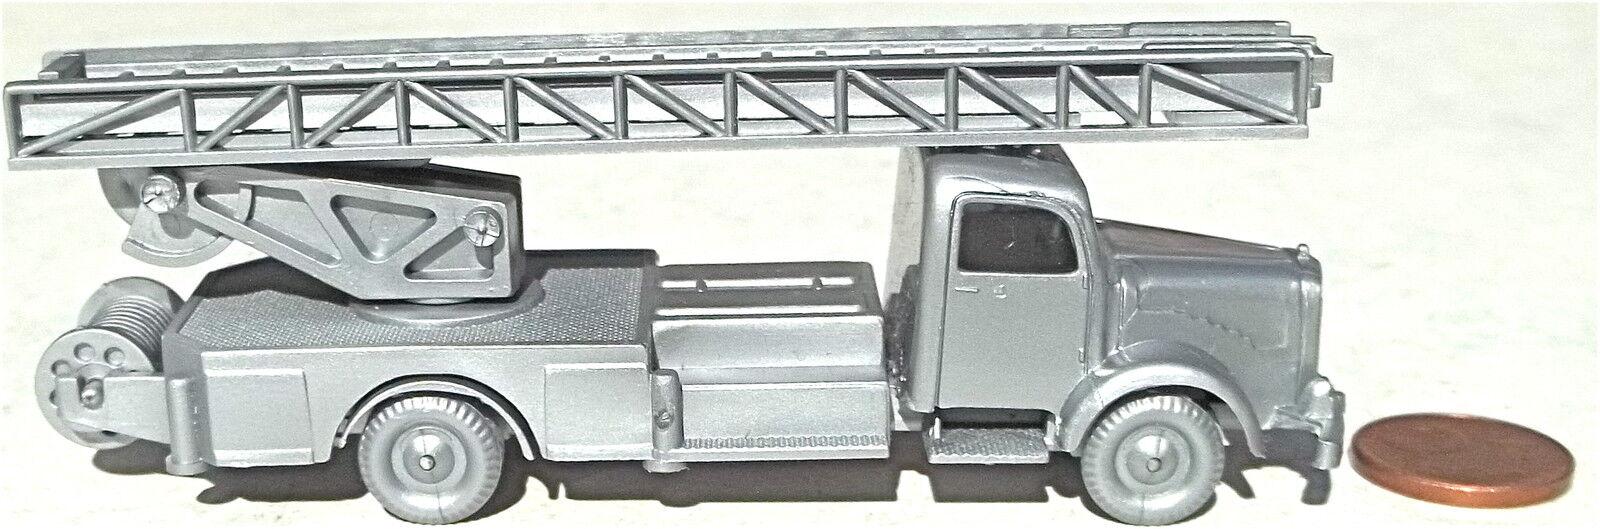 Pompier Chariot à Ridelles silverwehr Mercedes 5000 silver Imu H0 1 87 Réplique